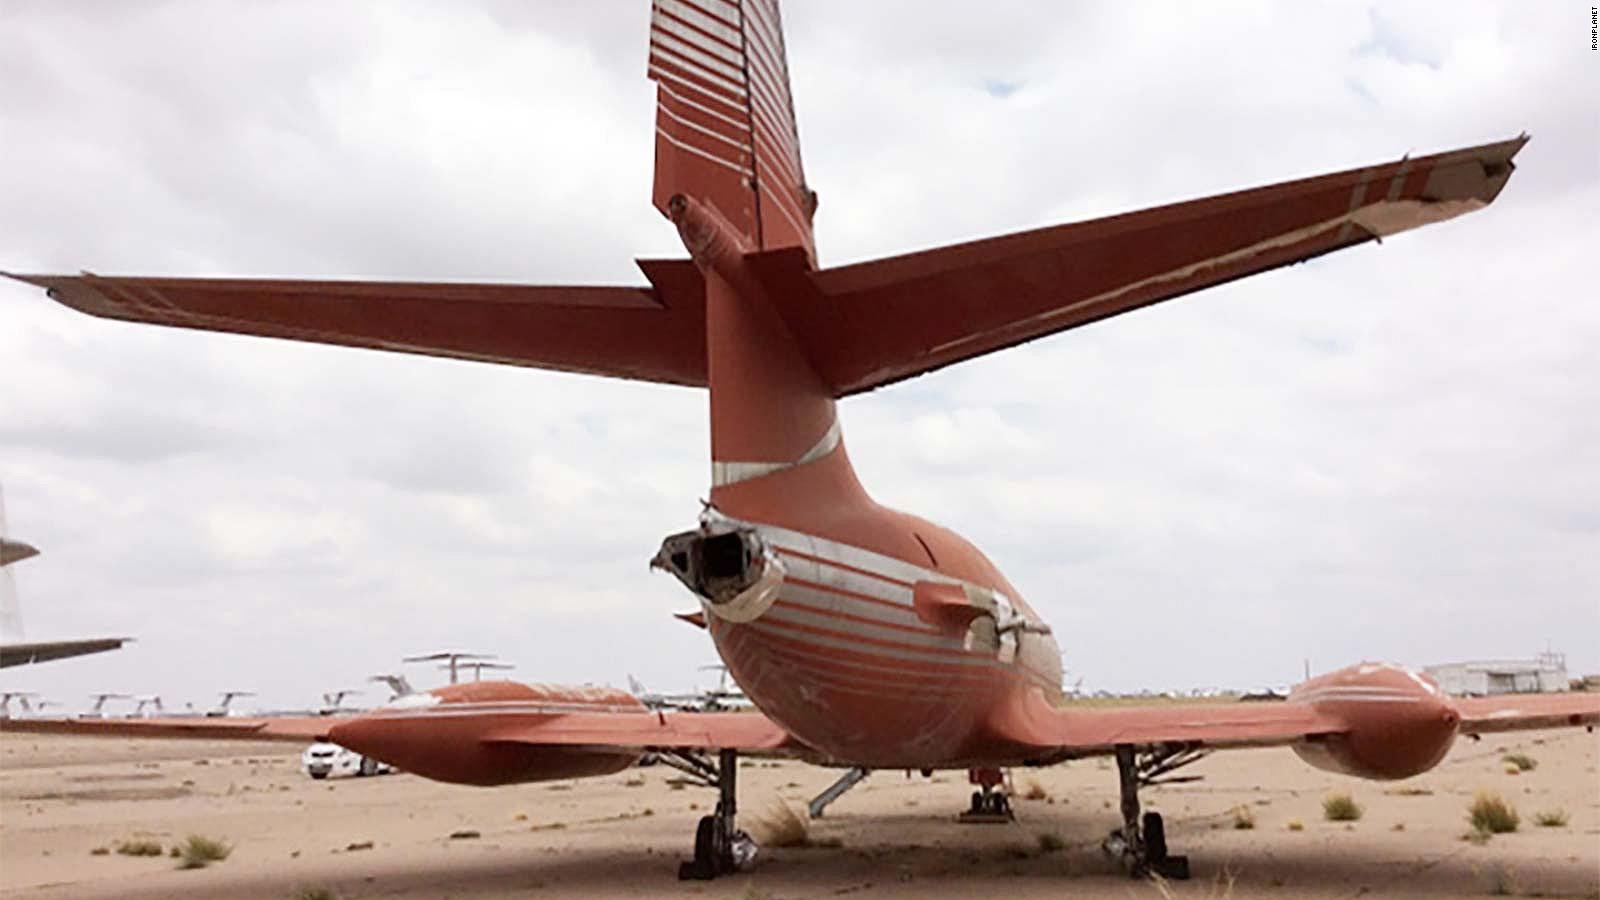 Begini kondisi pesawat terlihat dari bagian belakang.